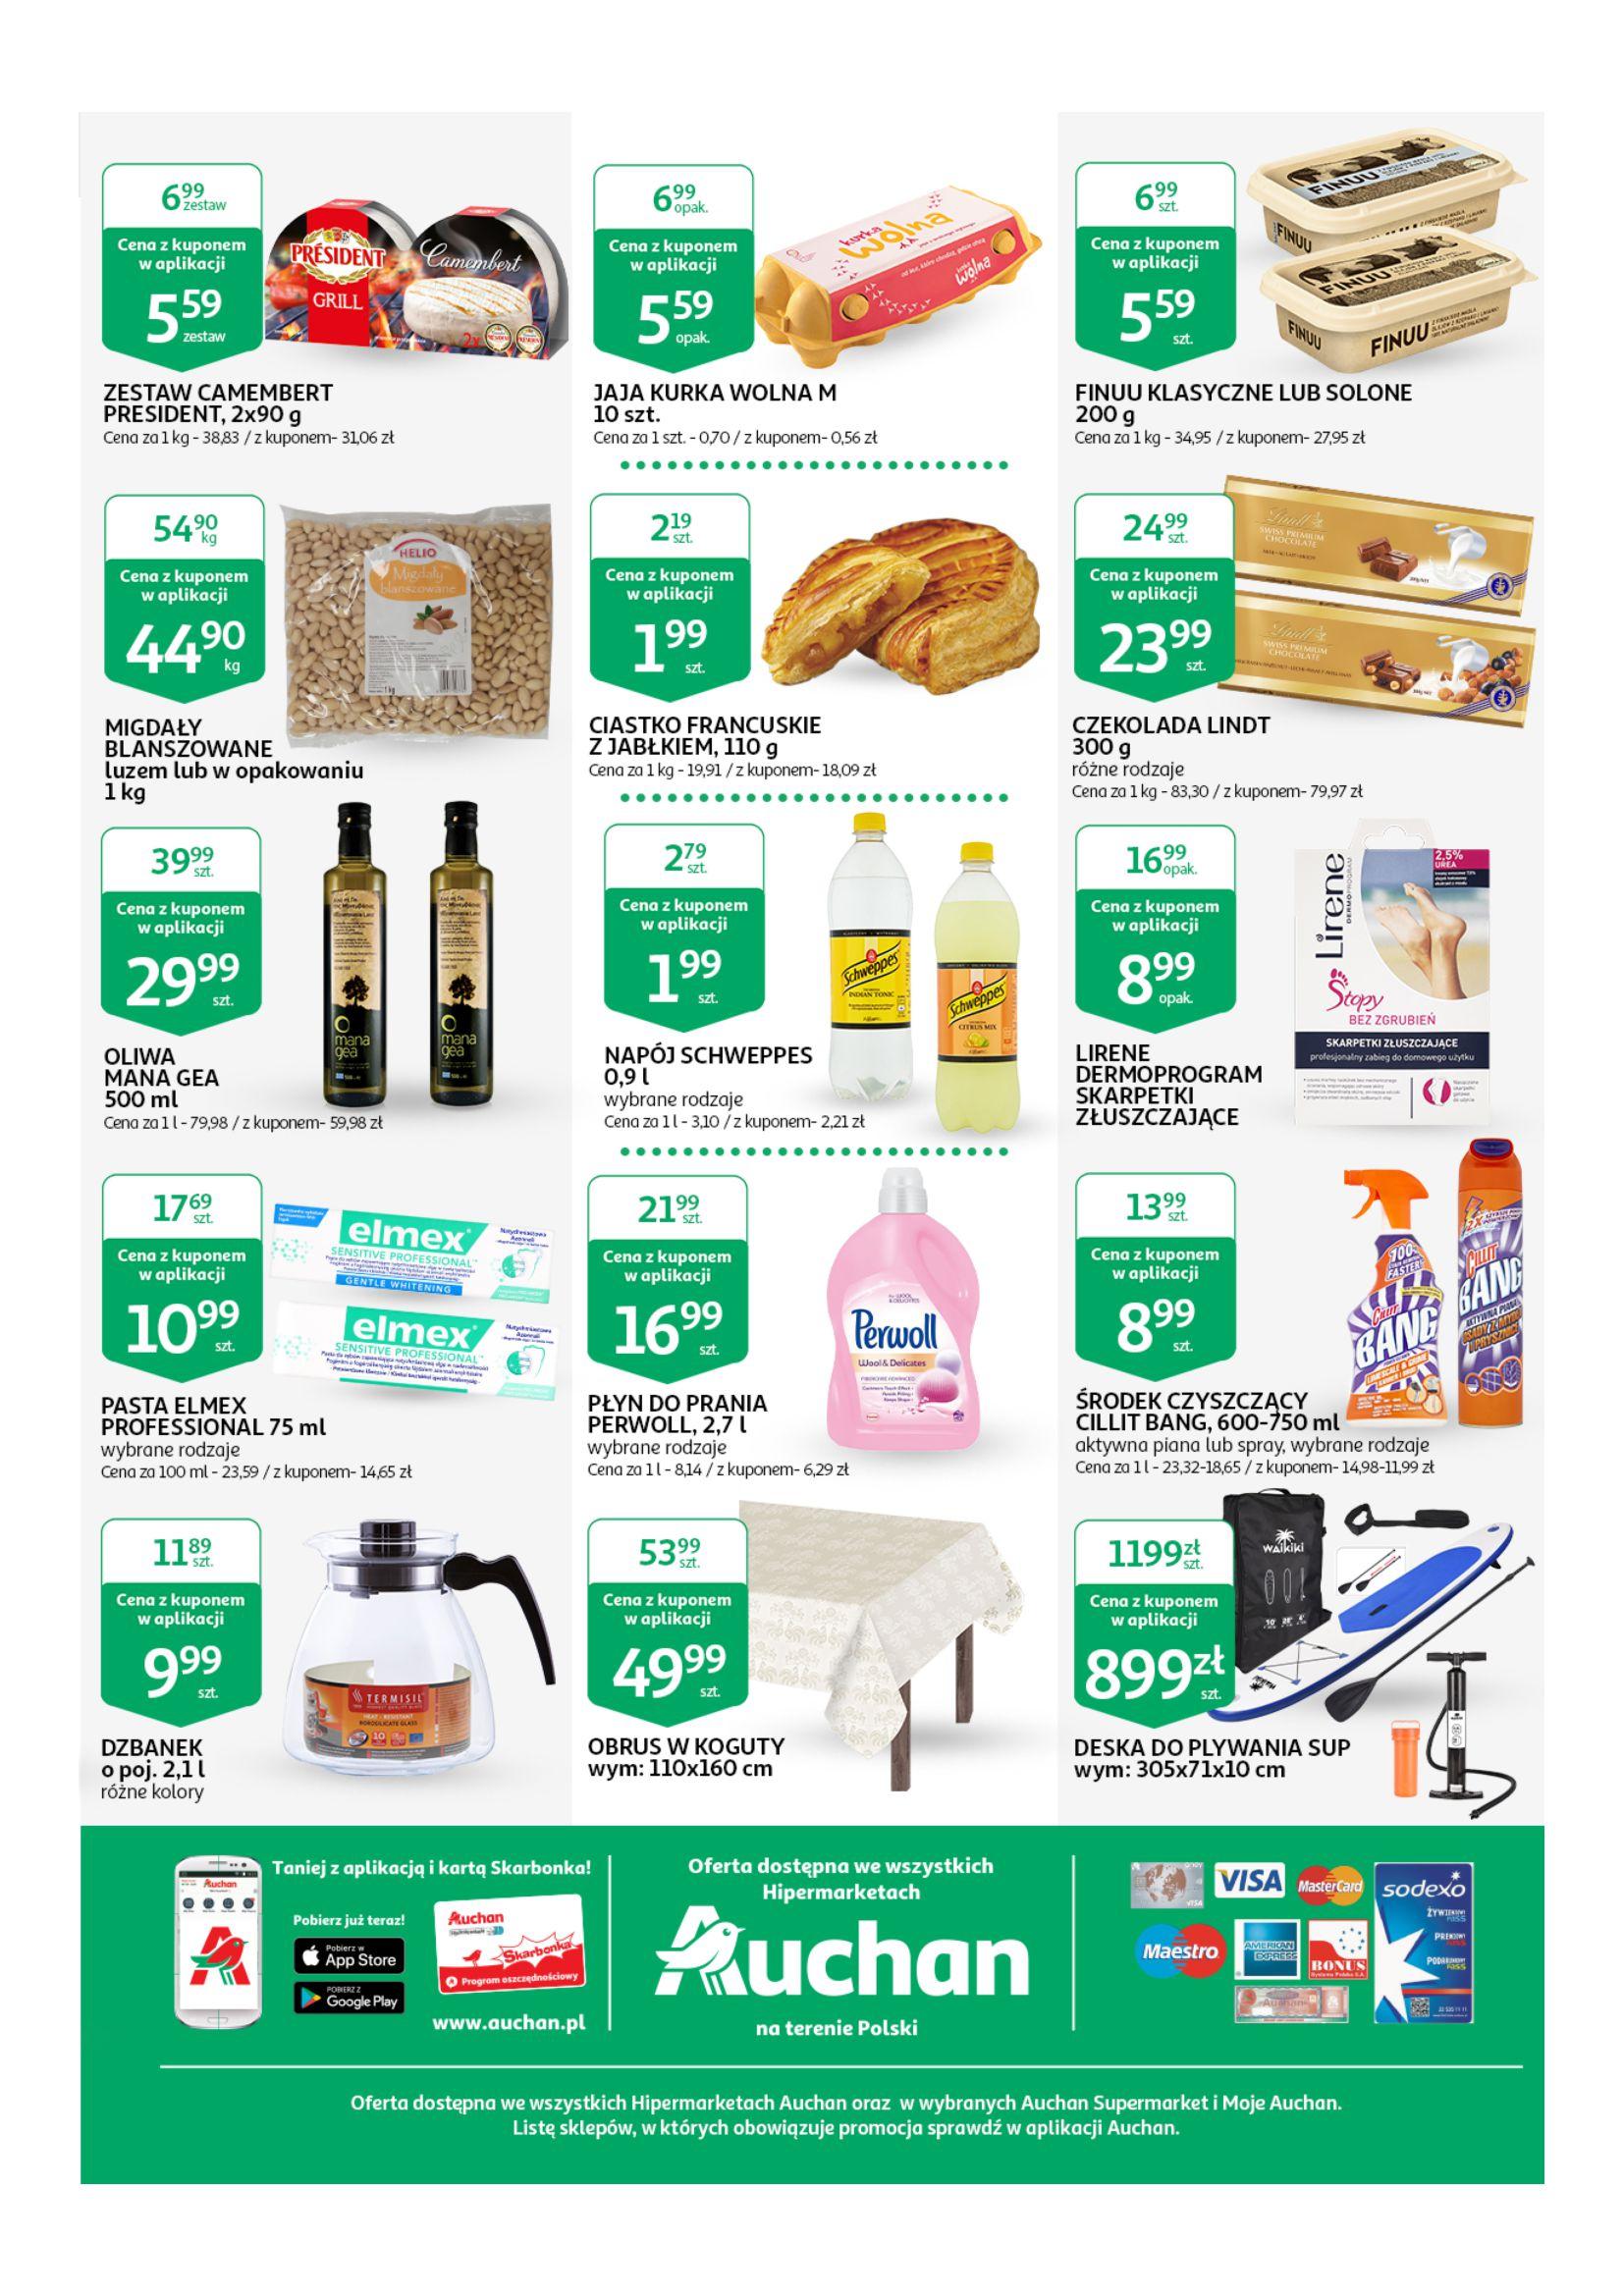 Gazetka Auchan - Taniej z aplikacją Hipermarkety-16.04.2019-25.04.2019-page-